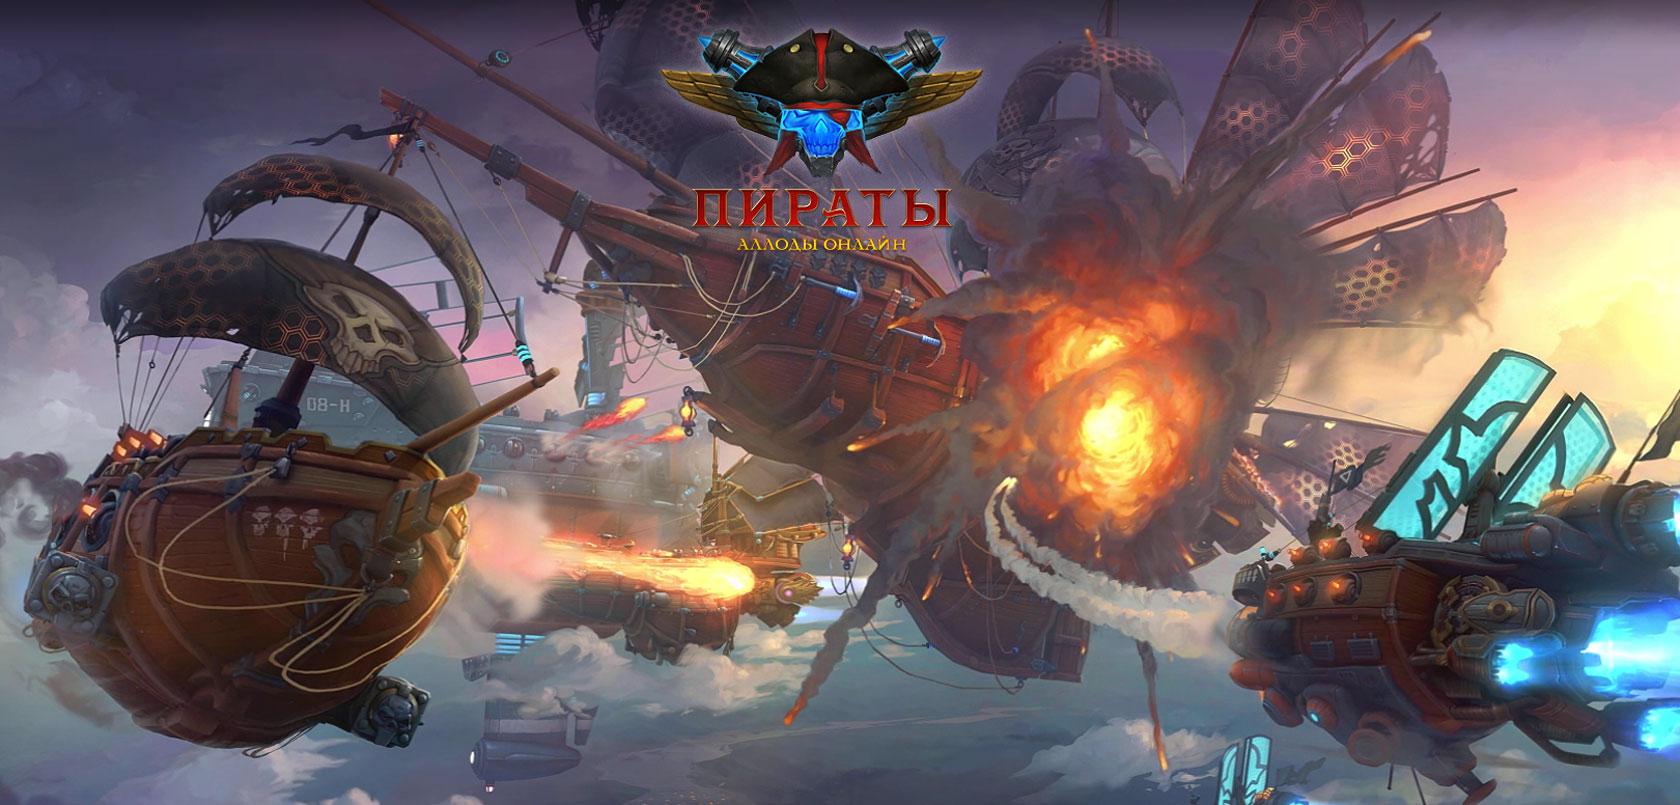 Состоялся анонс игры Пираты от Allods Team